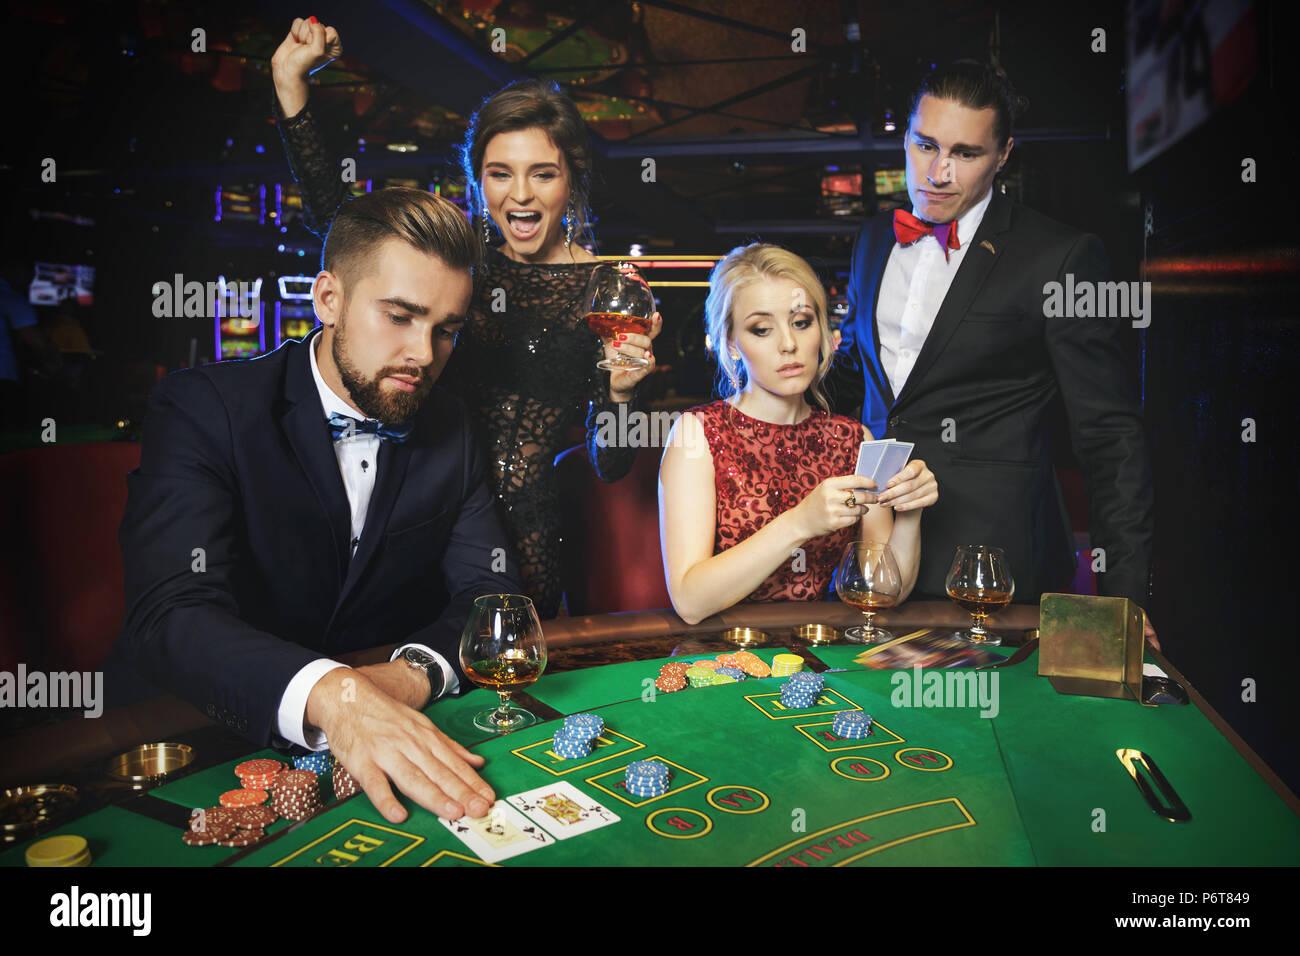 Казино на жизни людей vegas online casino slots